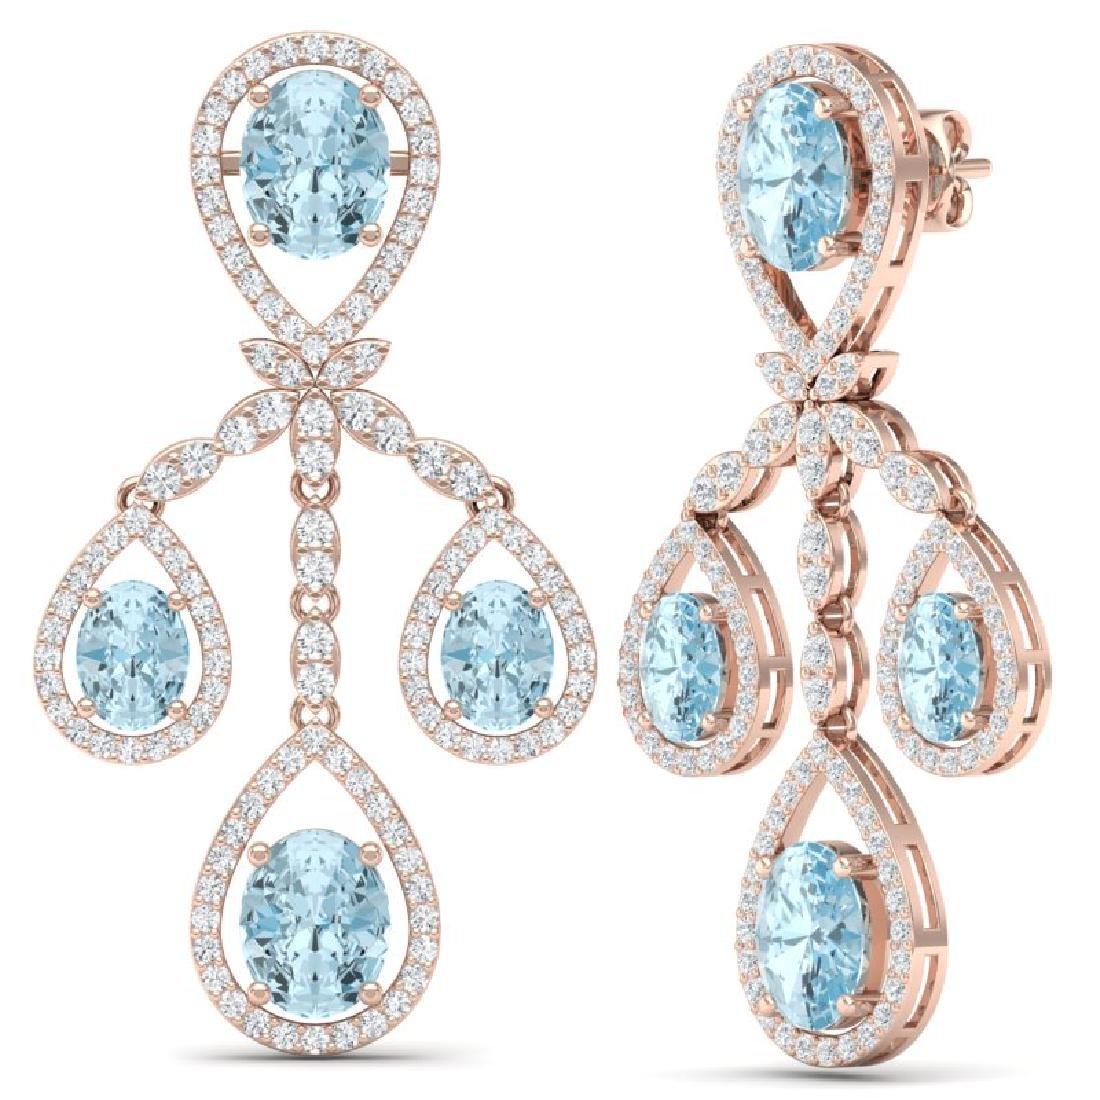 25.94 CTW Royalty Sky Topaz & VS Diamond Earrings 18K - 3